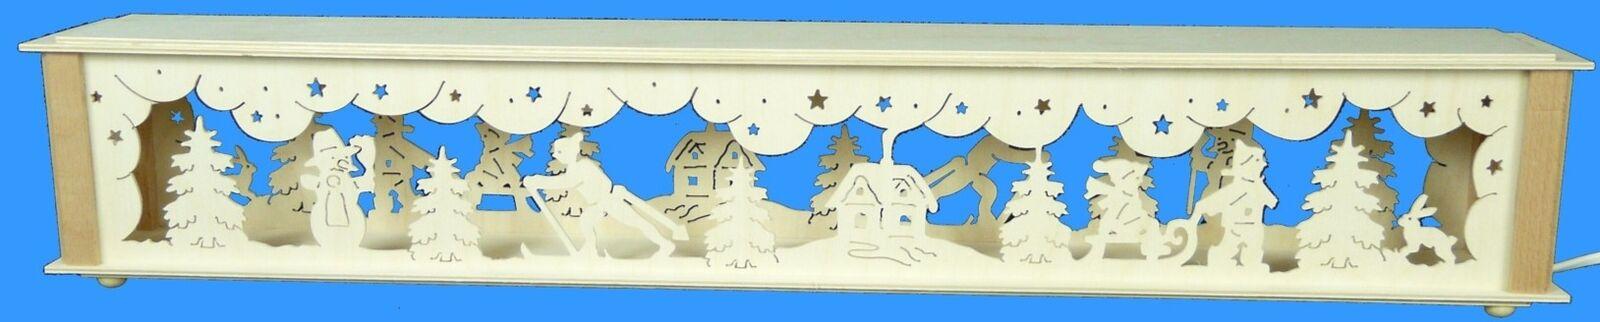 Beleuchtete Schwibbogenerhöhung Winterkinder 72x10cm NEU Zubehör  Lichterbogen